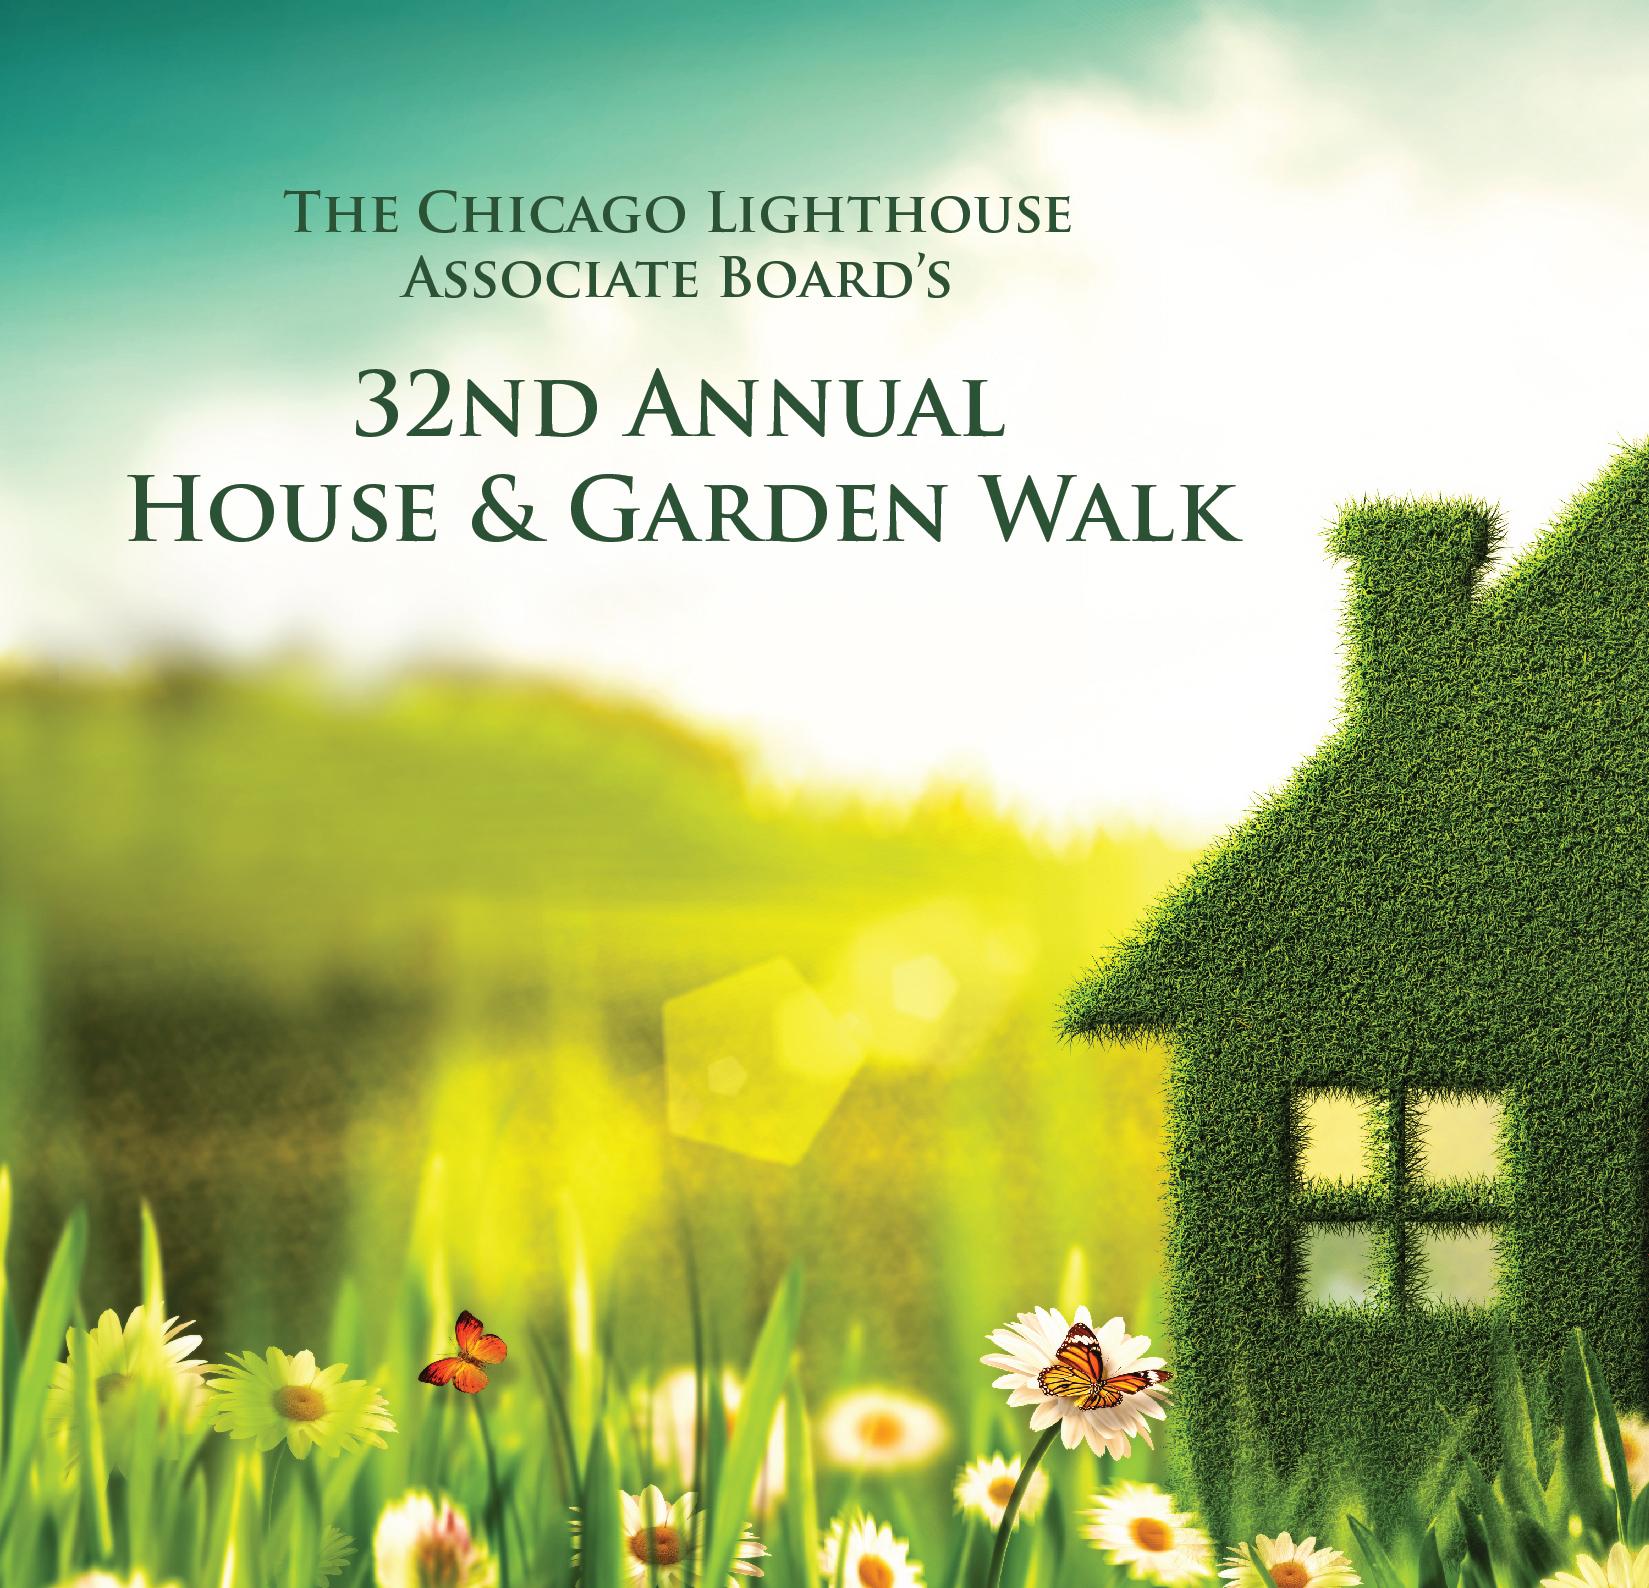 House & garden 2018 logo